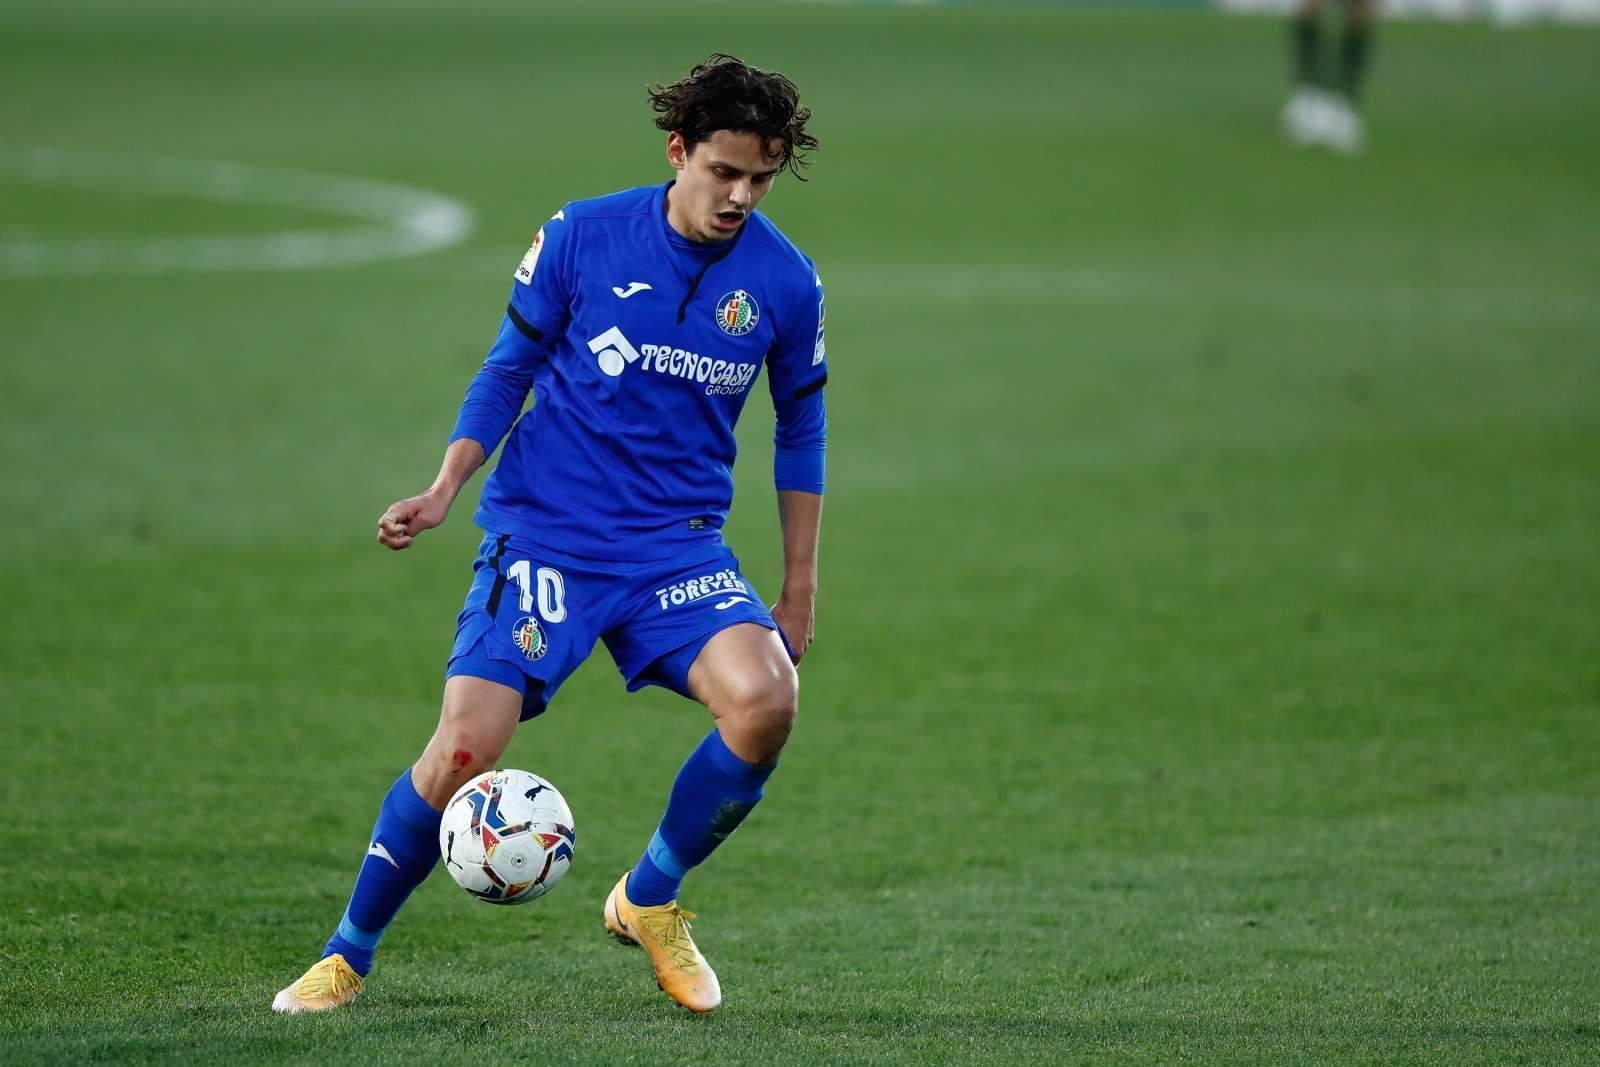 Сын болельщиков «Манчестер Сити», мастер контратак, цепкий опорник из «ВБА» и трансферная цель «Милана»